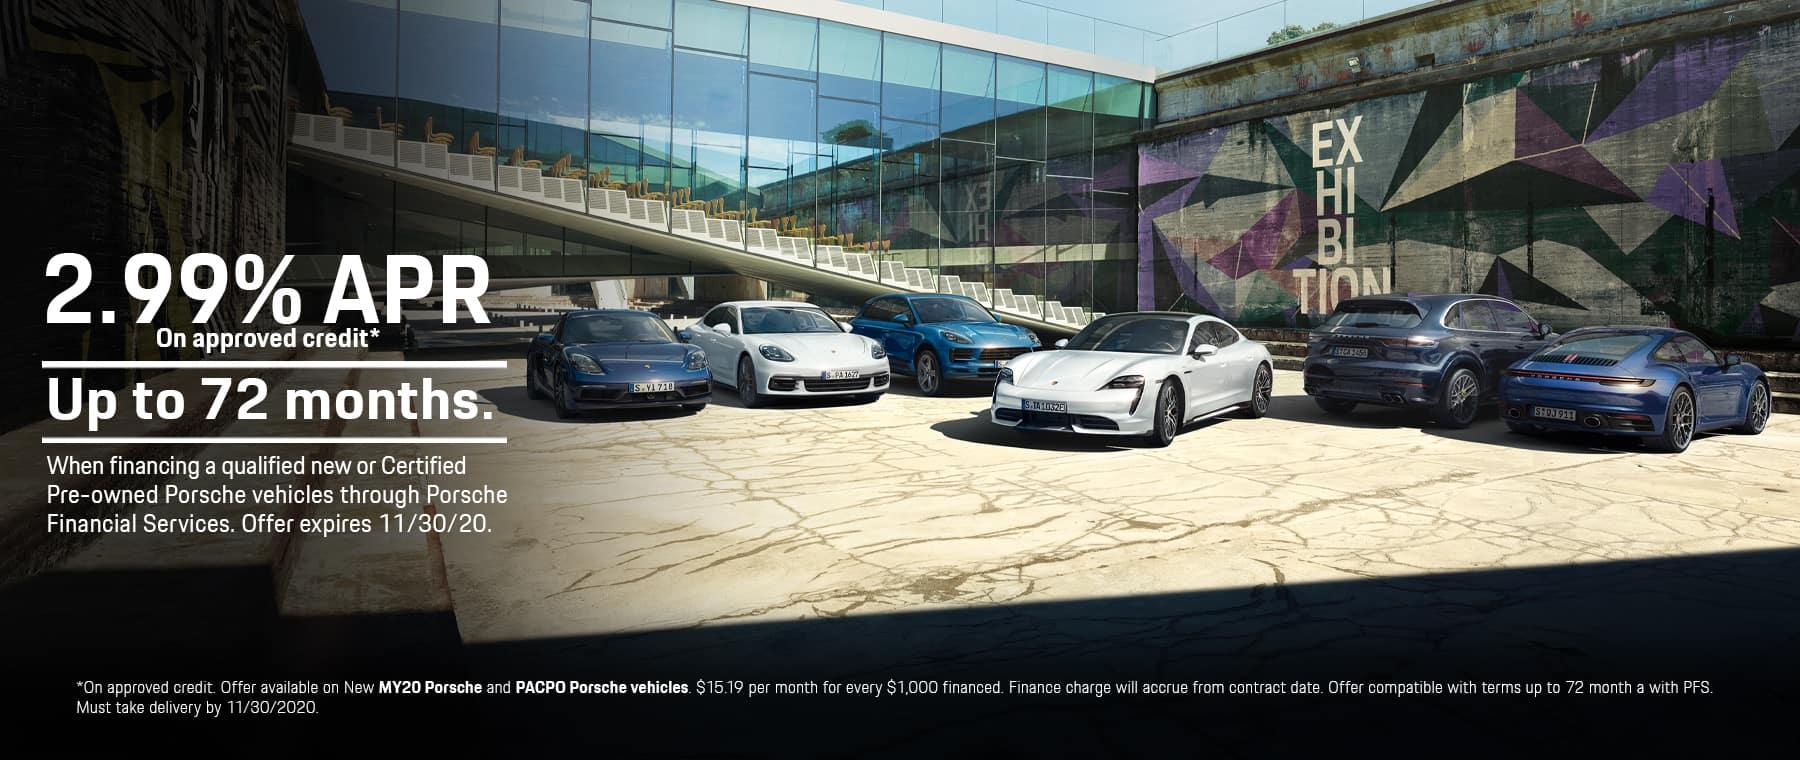 Porsche_PFS-2.99%_1800x760_homeslide_110420